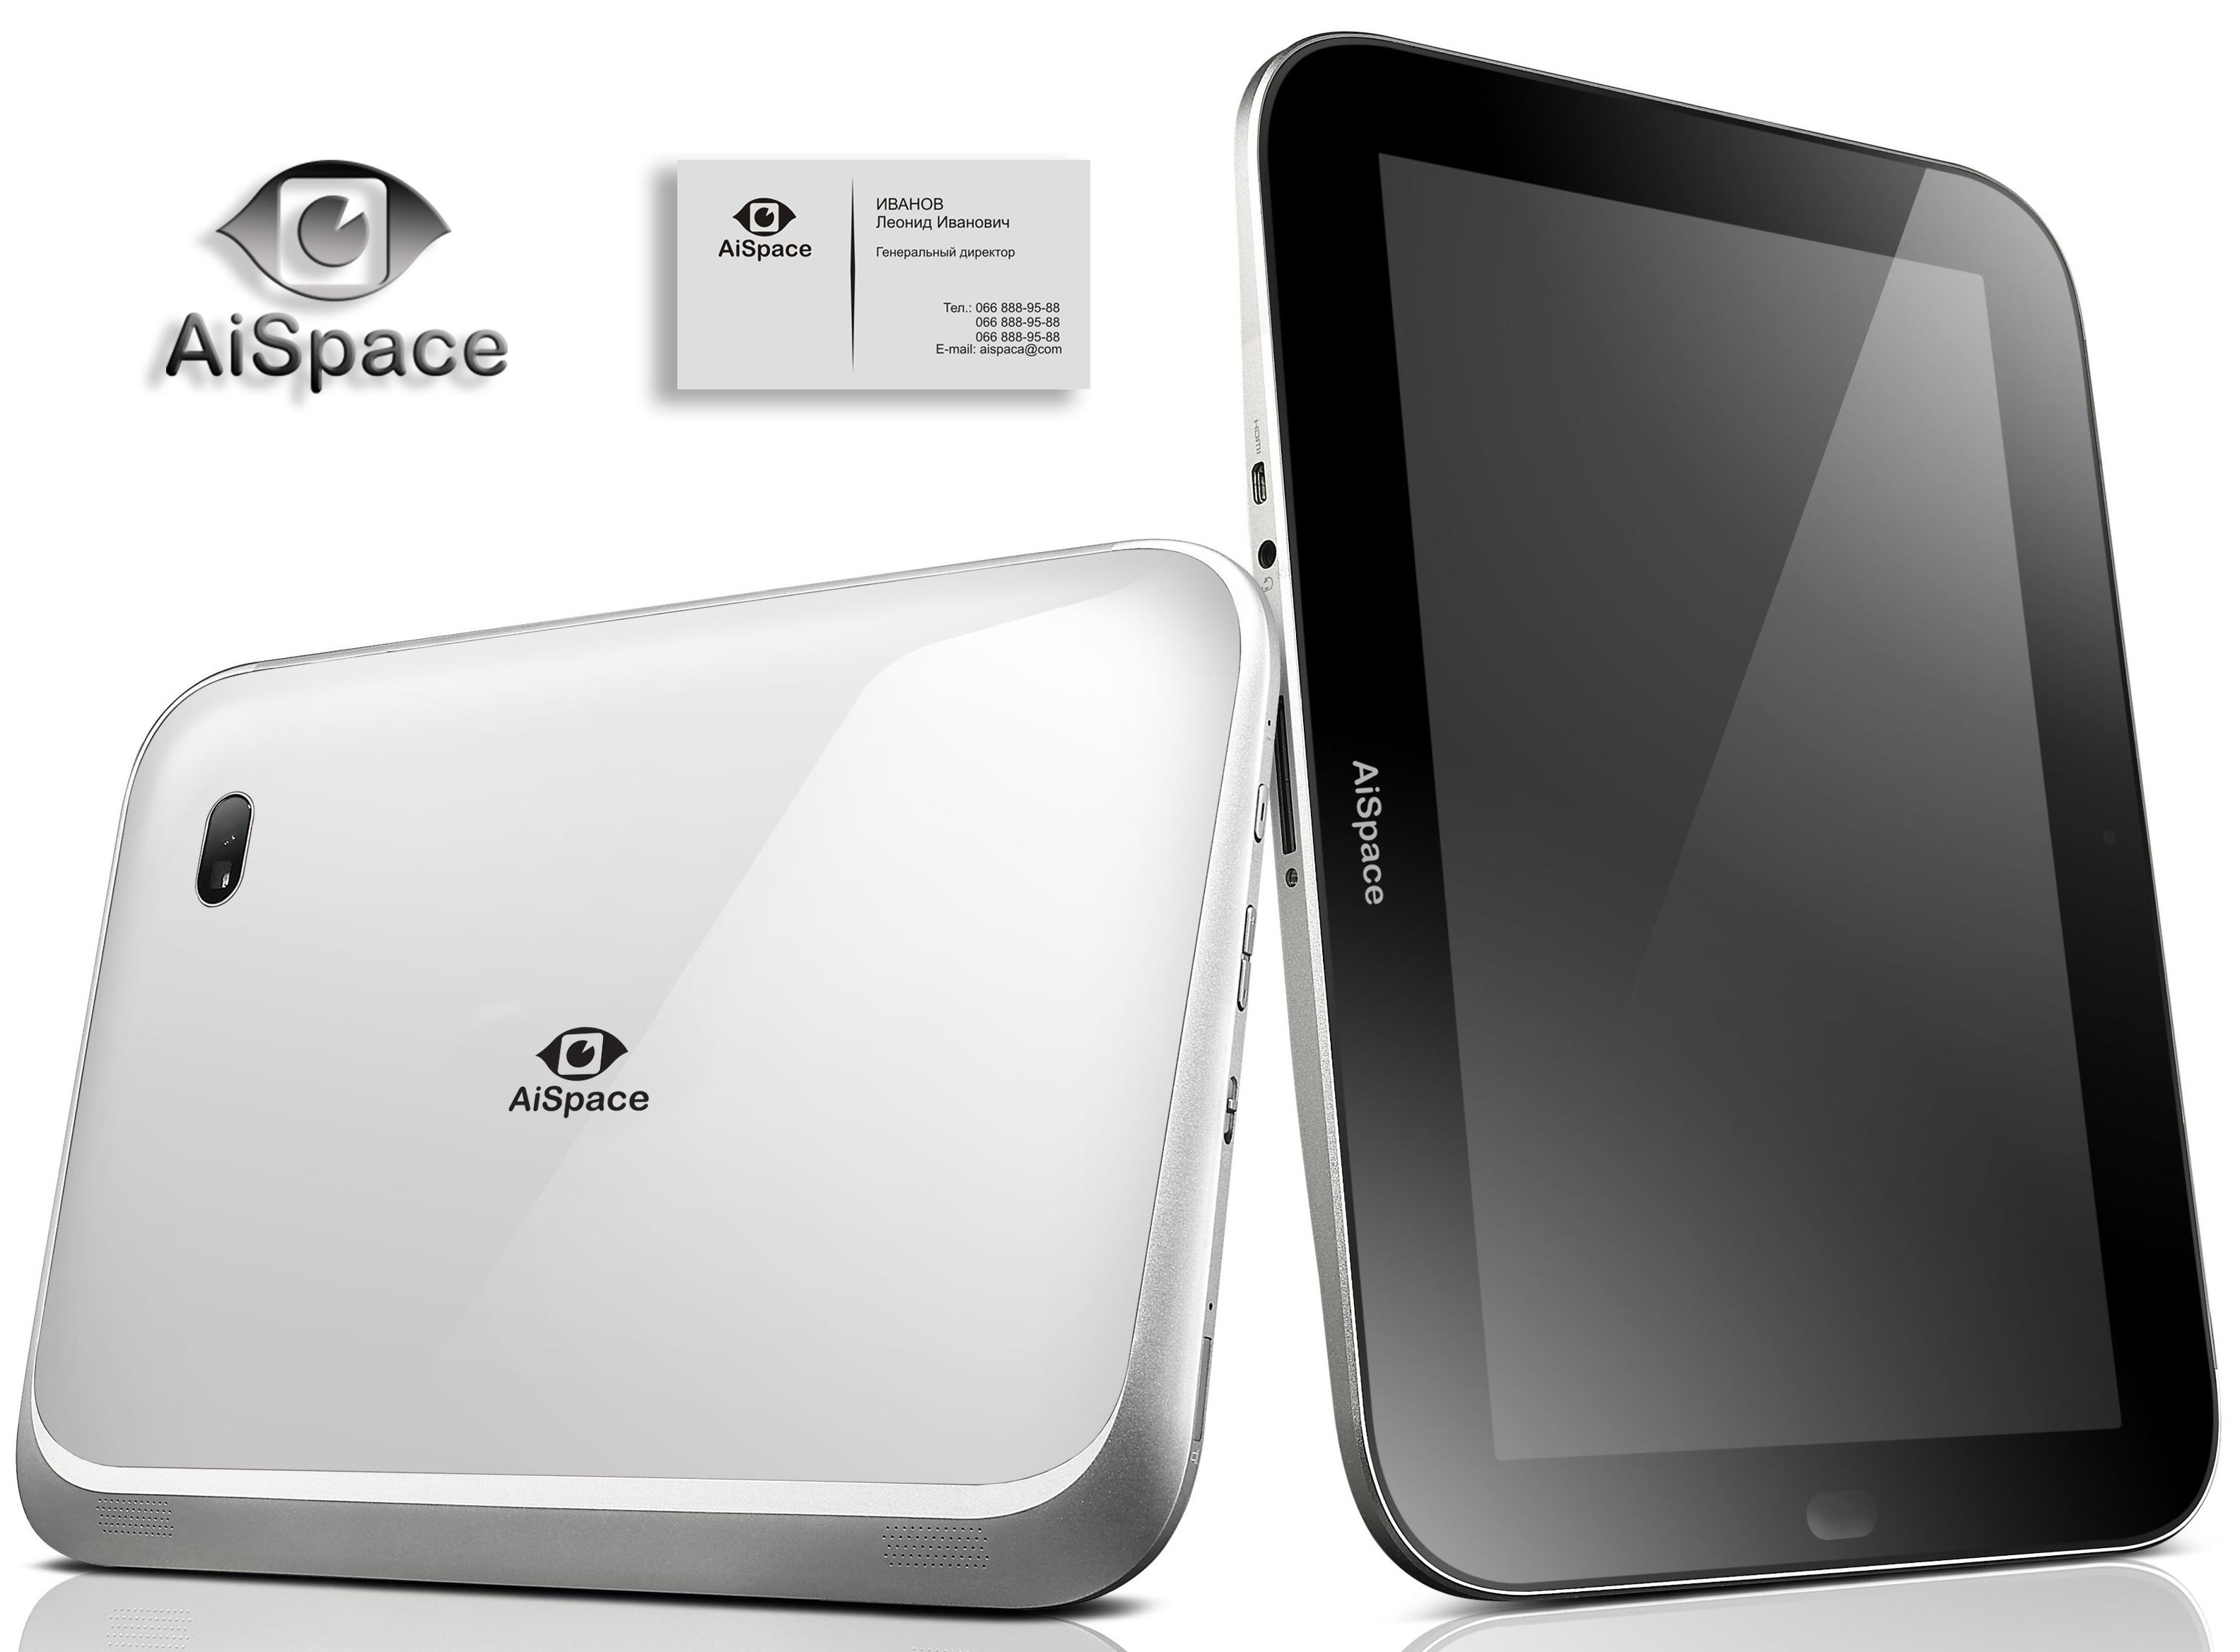 Разработать логотип и фирменный стиль для компании AiSpace фото f_99651b043eec728c.jpg